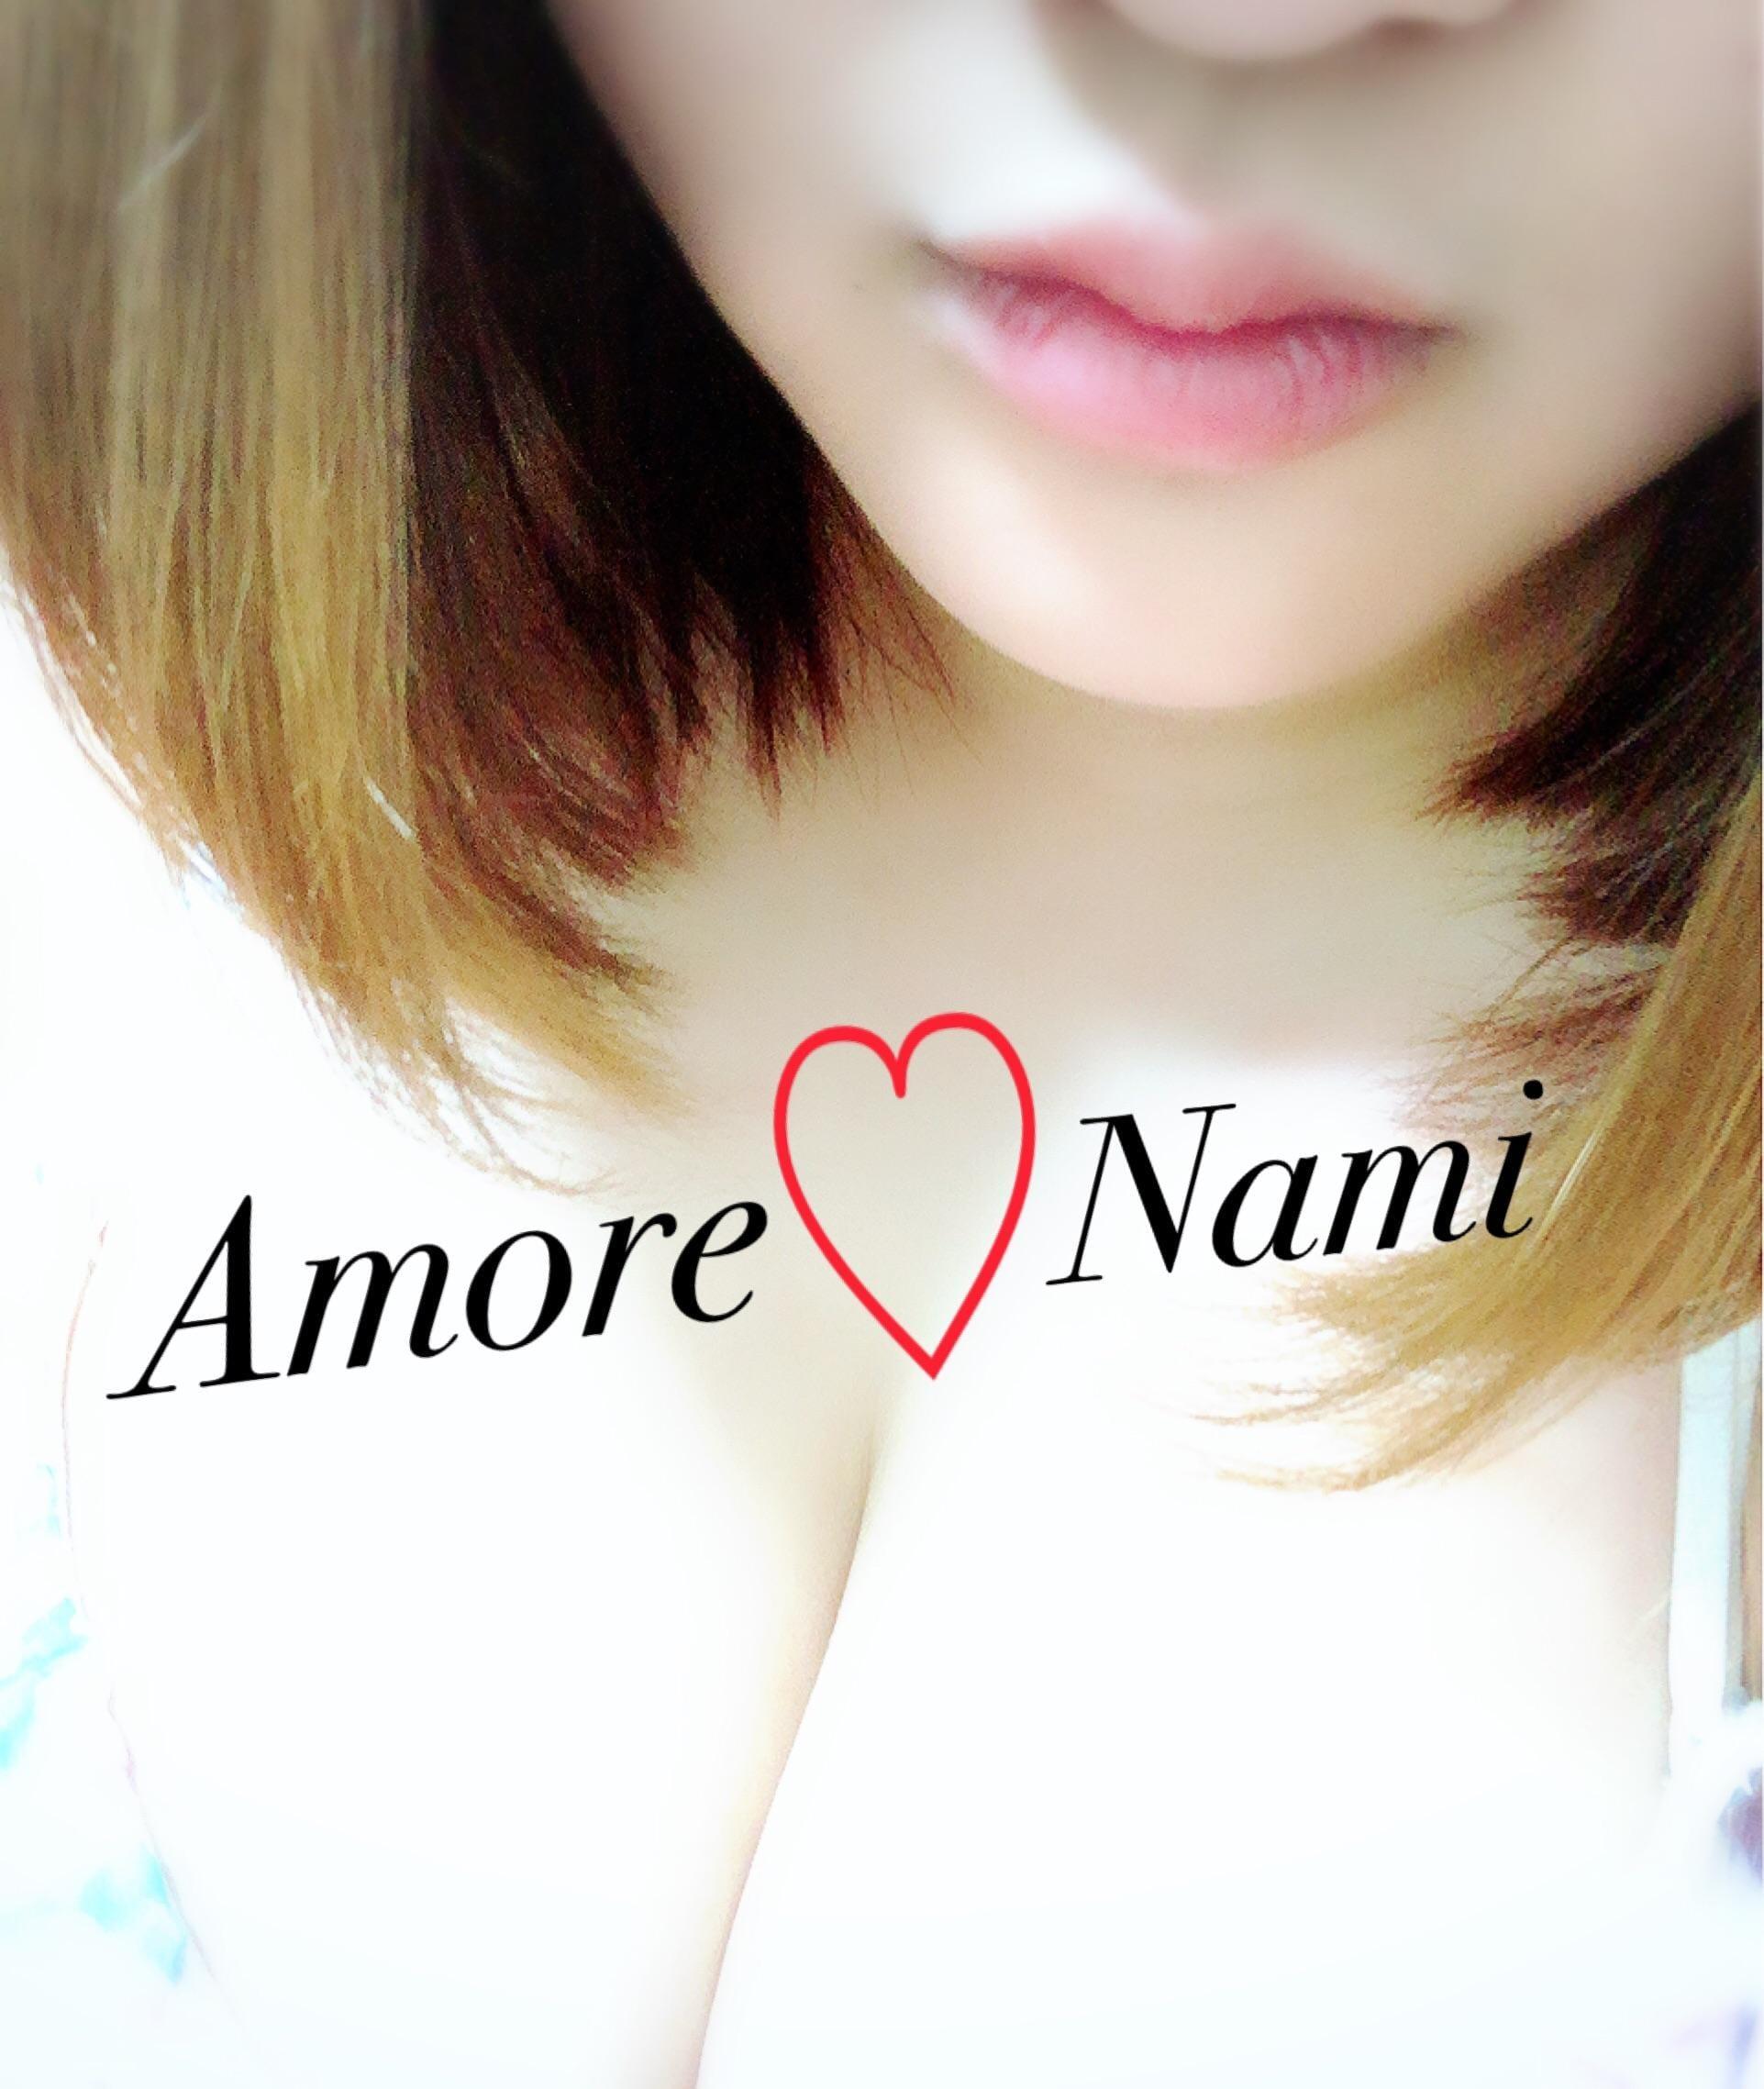 「お礼☆ビジホ303のお兄さん」05/27(日) 11:34 | ナミの写メ・風俗動画